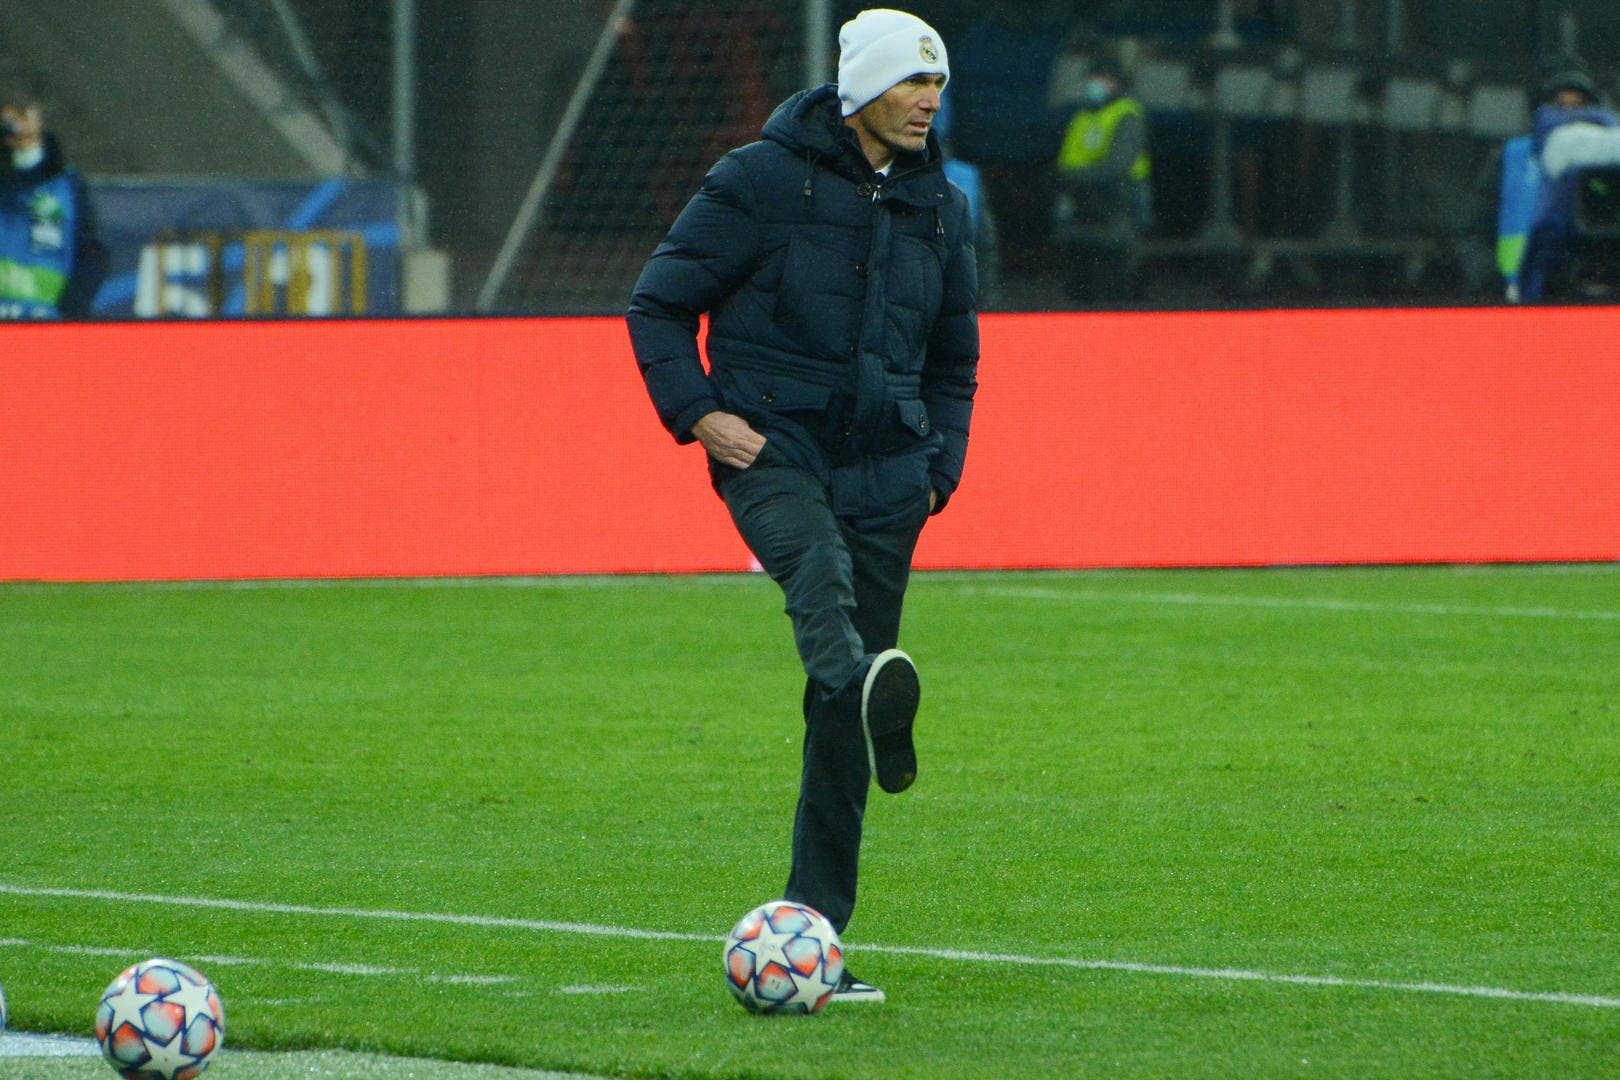 Real Madrid : C'en est trop, Zidane part en fin de saison